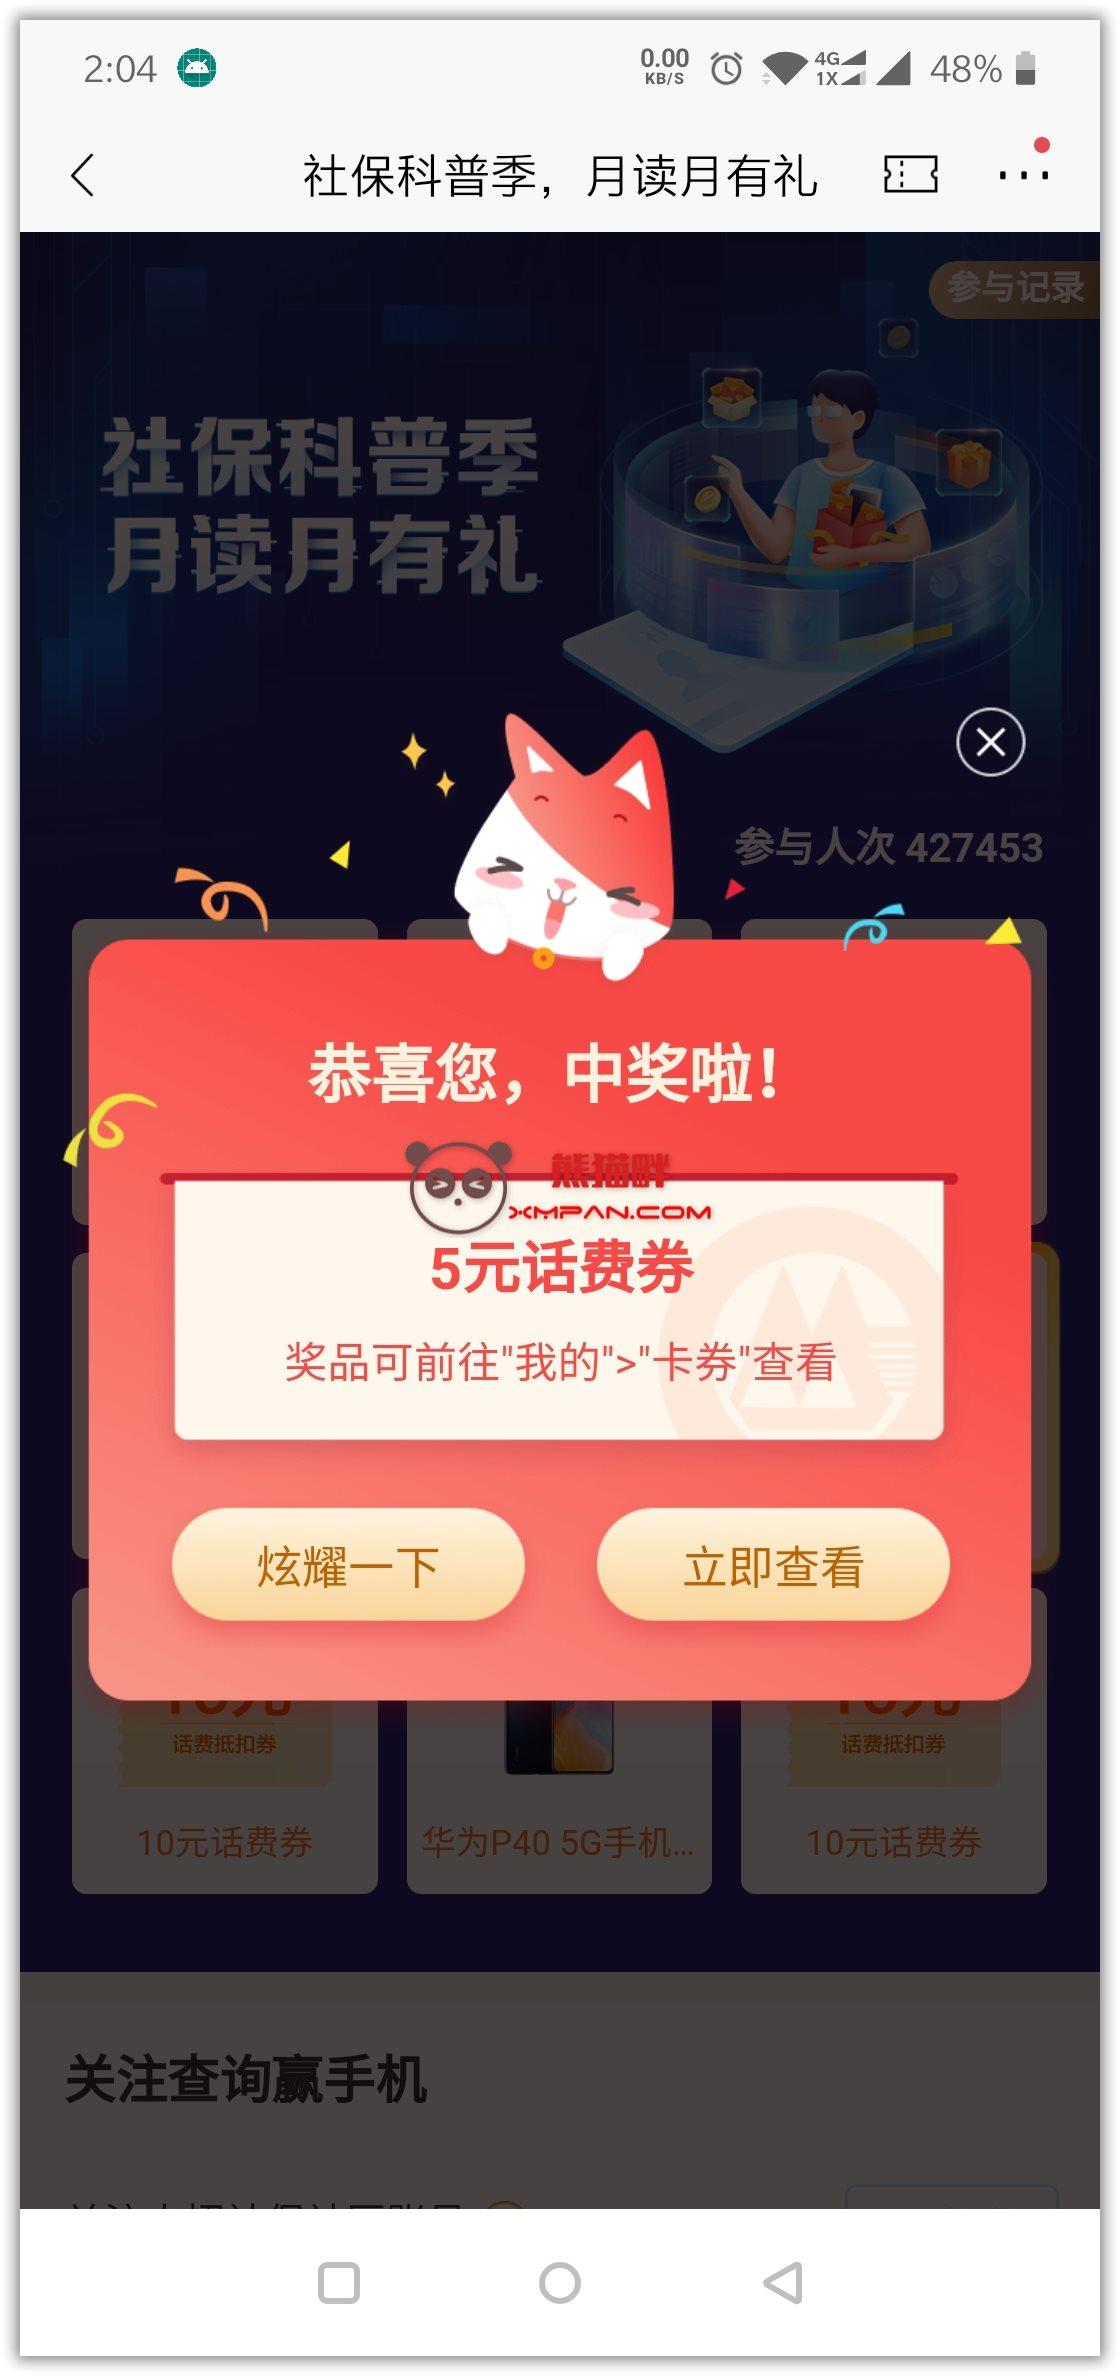 Screenshot_20200904-140445.jpg